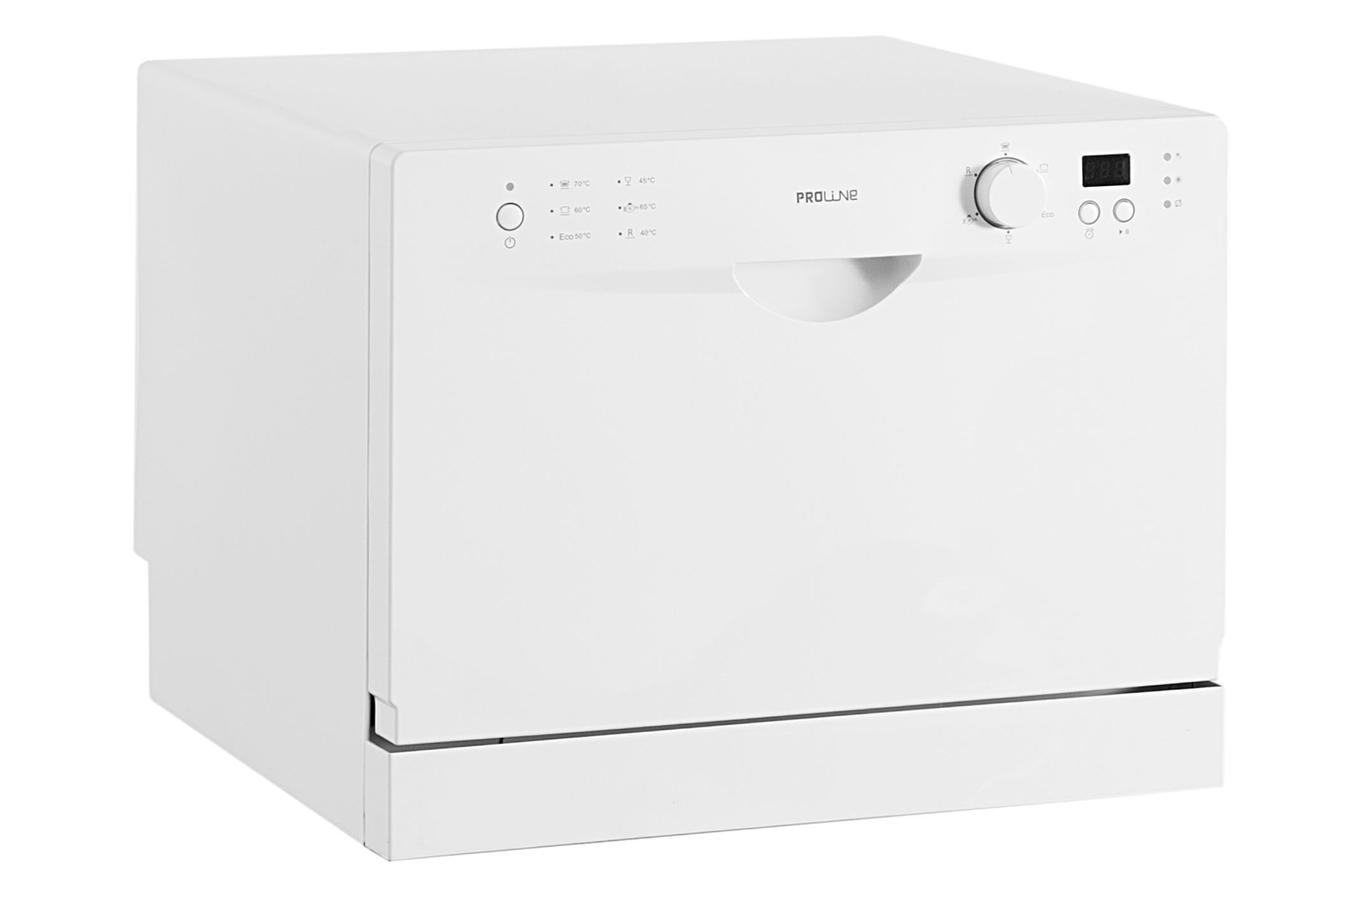 Lave vaisselle proline cdw53 blanc 3826325 darty - Lave vaisselle petite hauteur ...